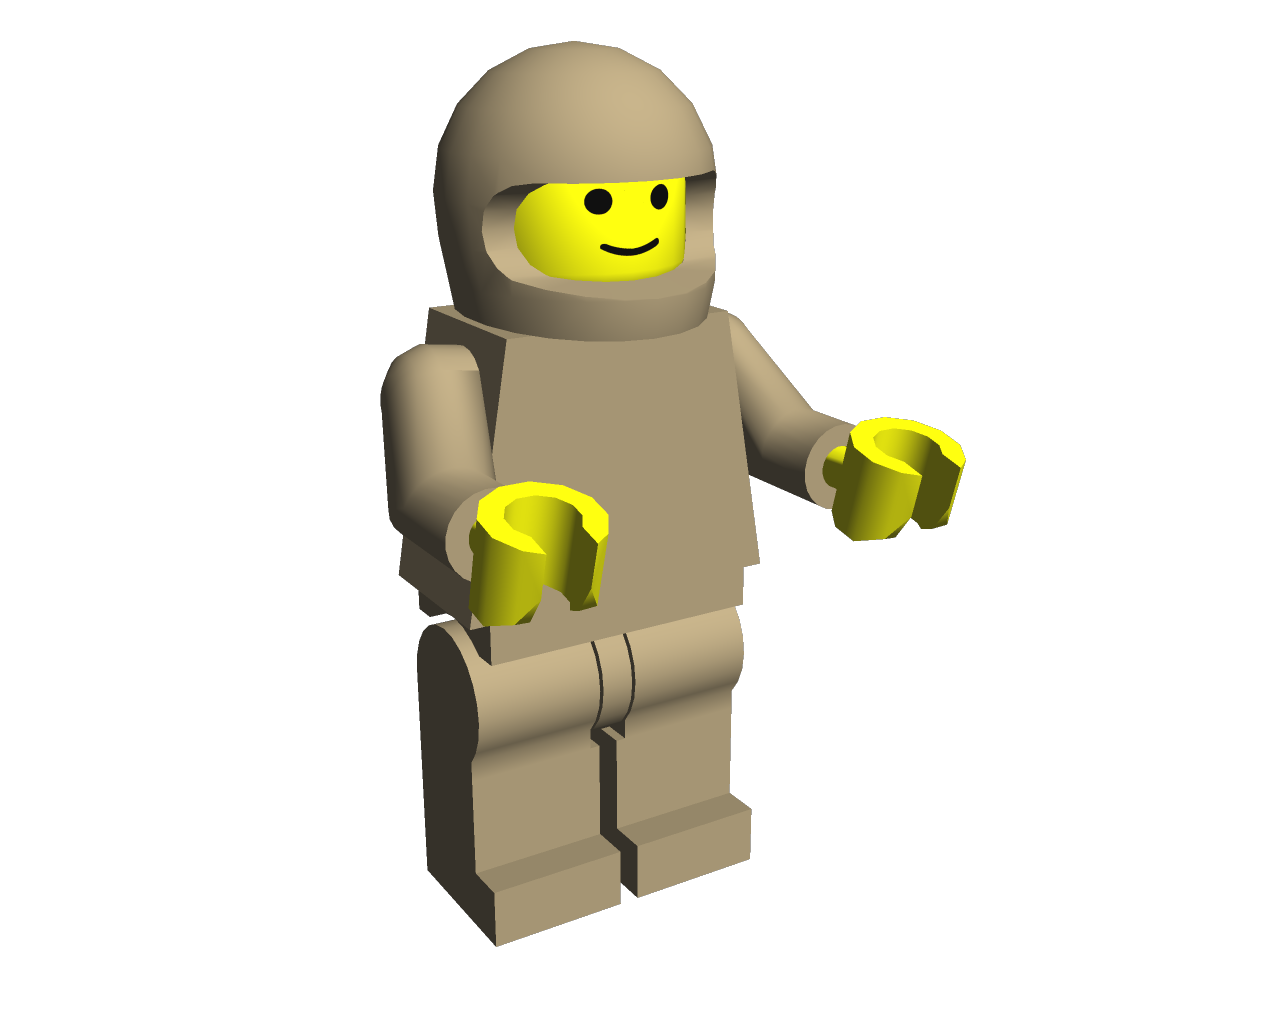 lego man design paperbotz